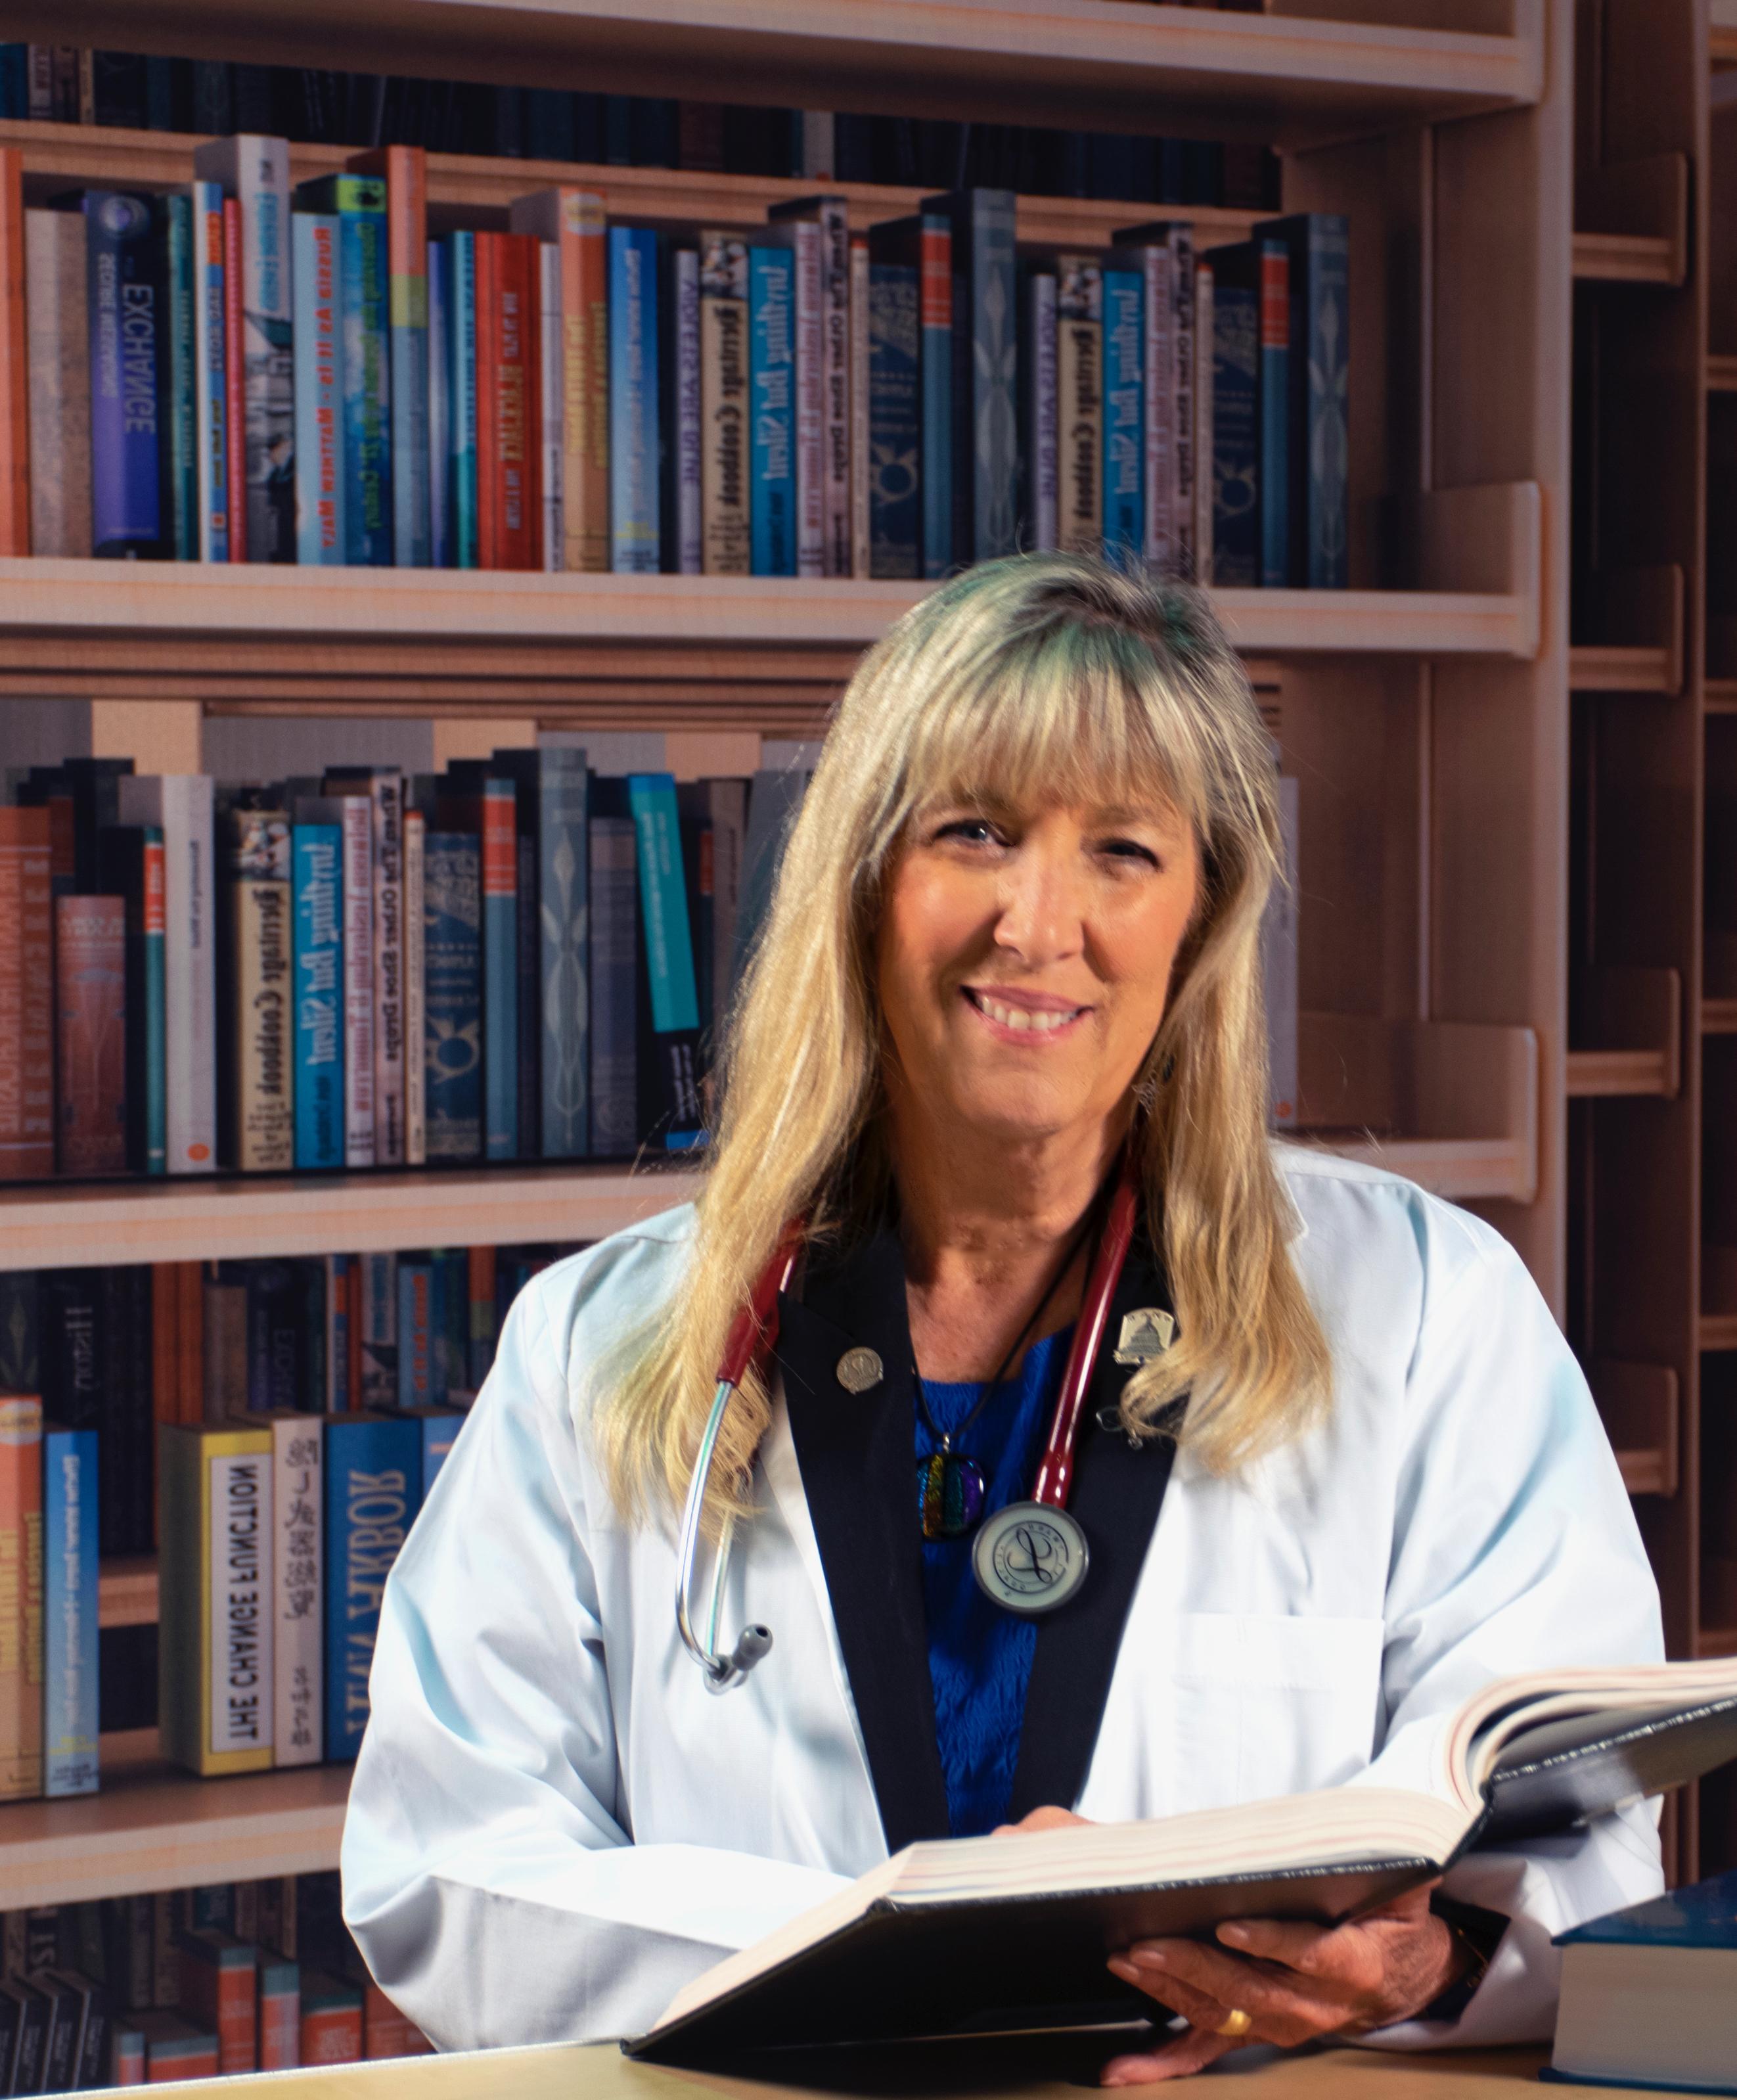 Dr. Angela Golden, Family Nurse Practitioner